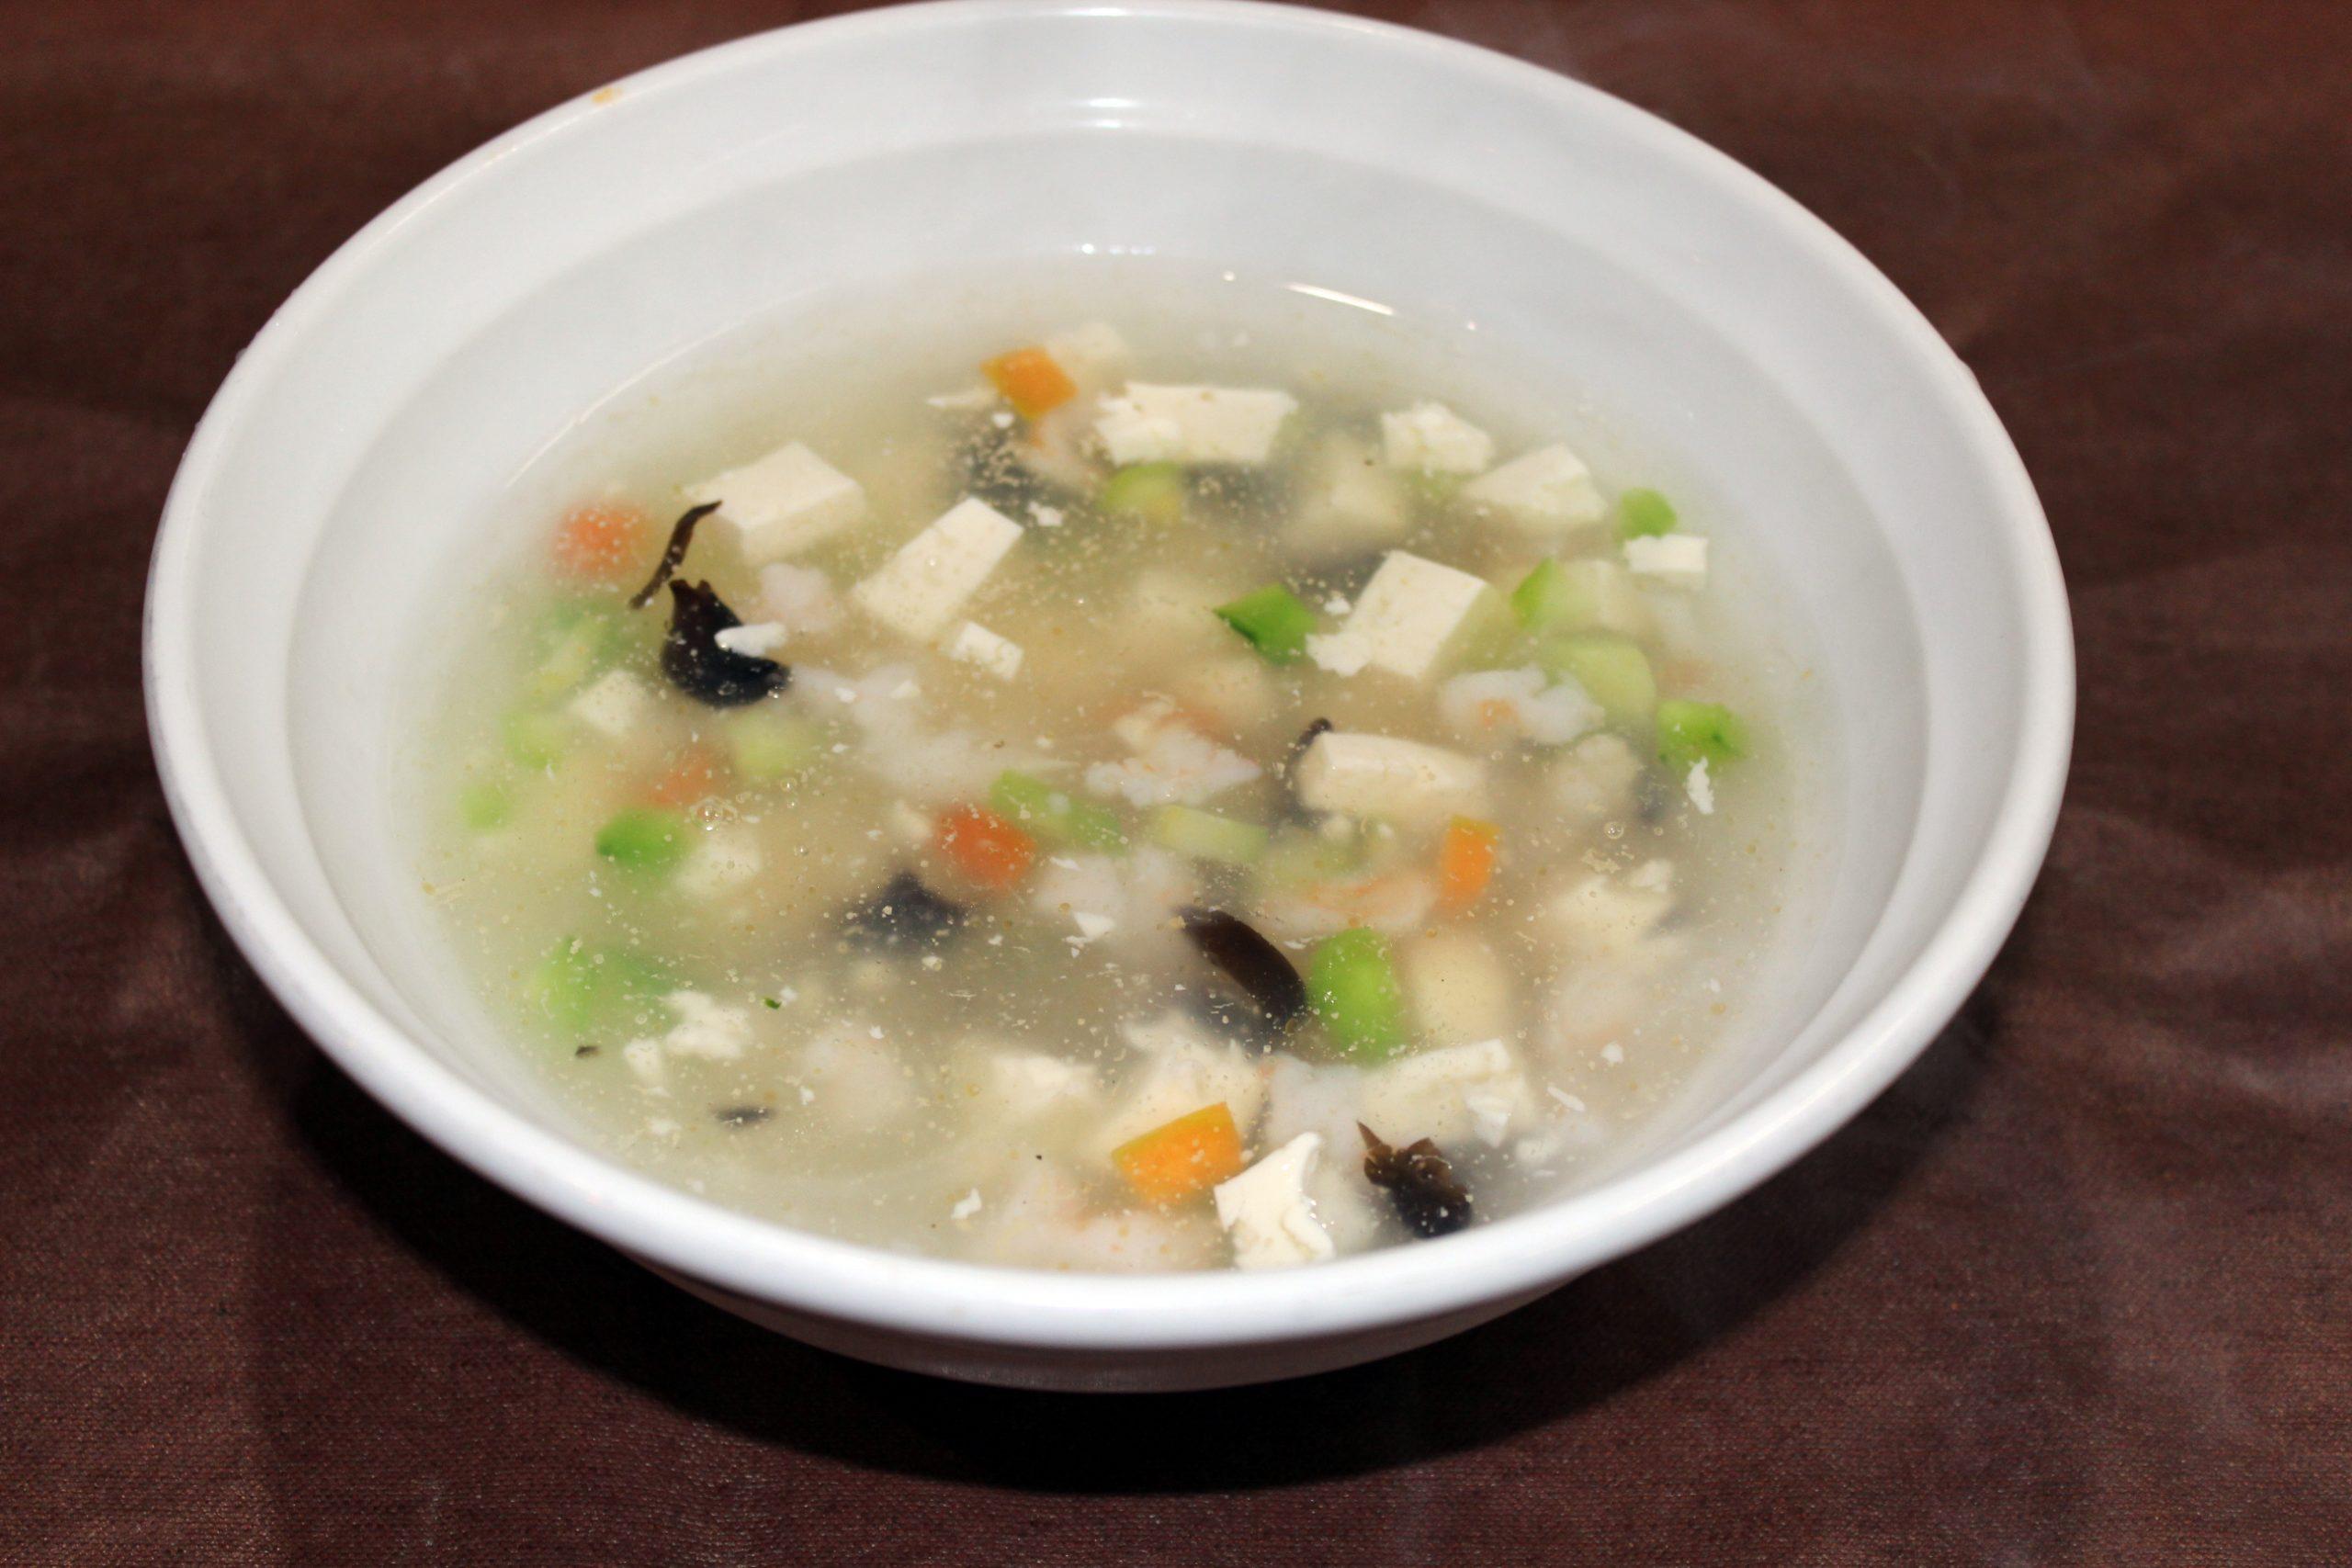 【蝦仁豆腐湯】海老と豆腐のスープ